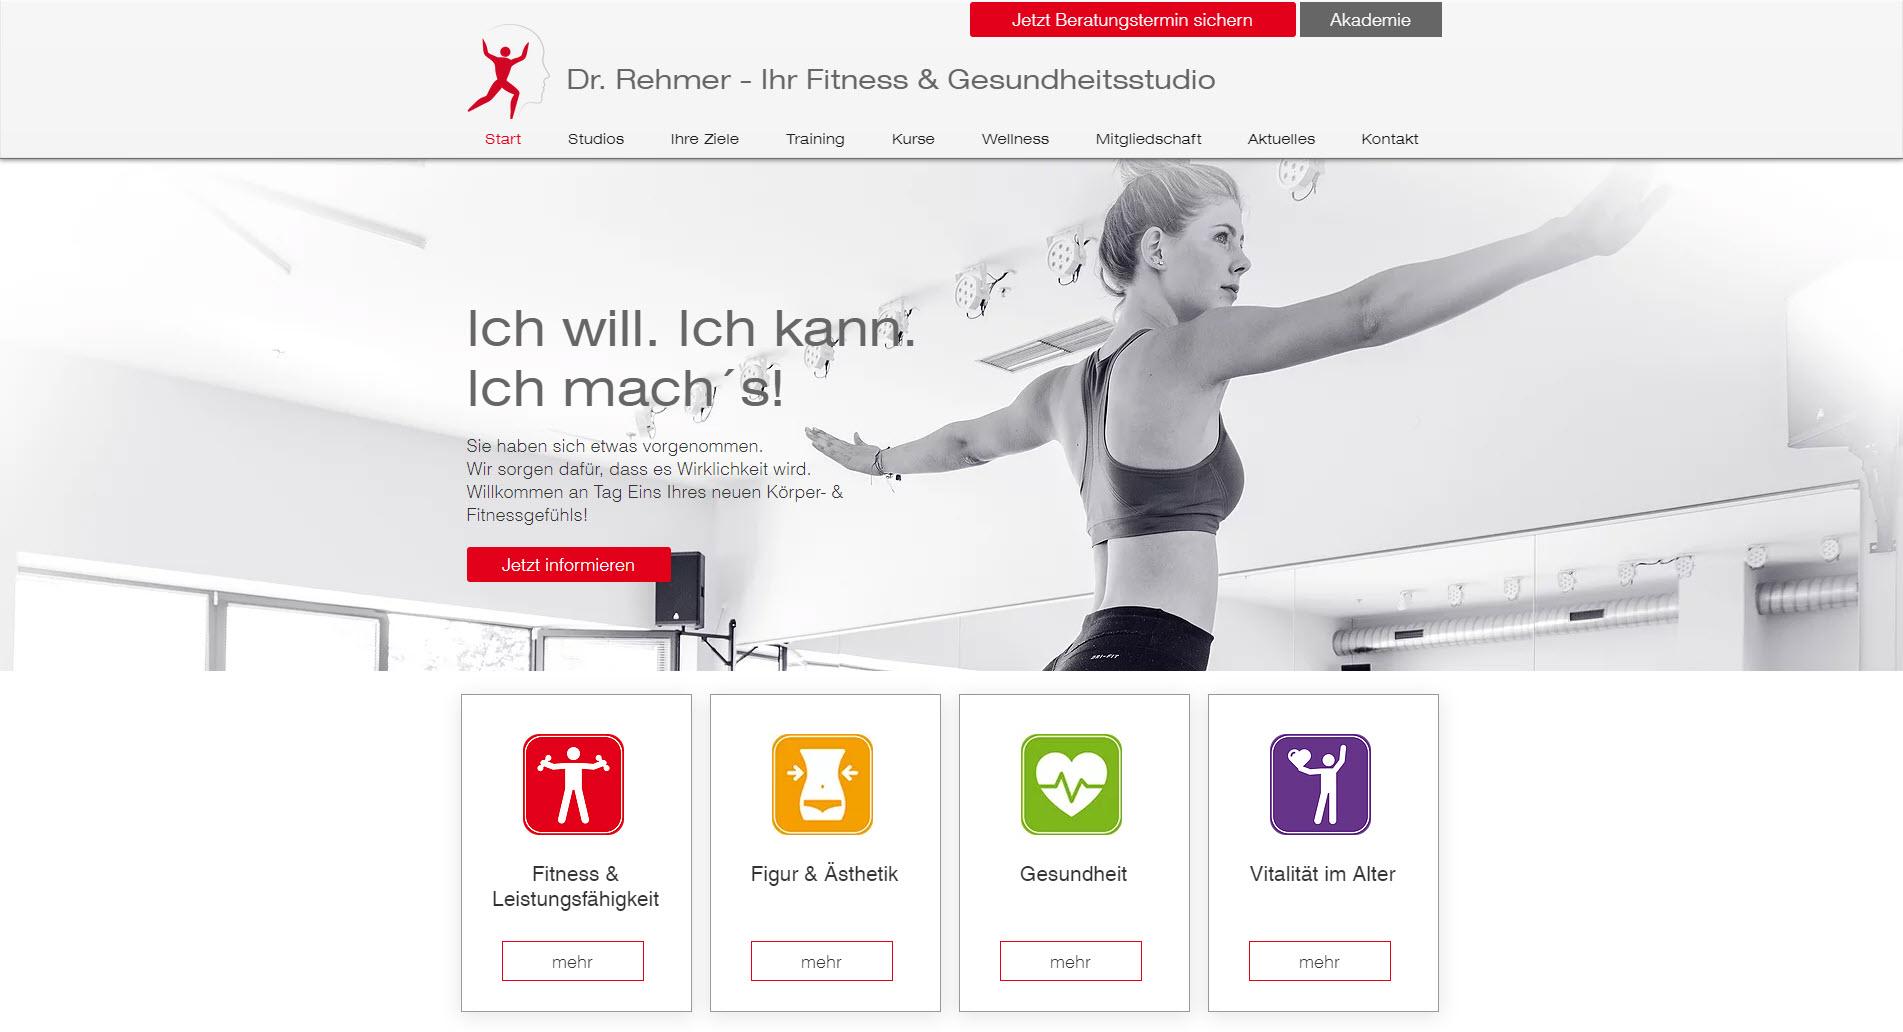 Dr. Rehmer Fitness & Gesundheit